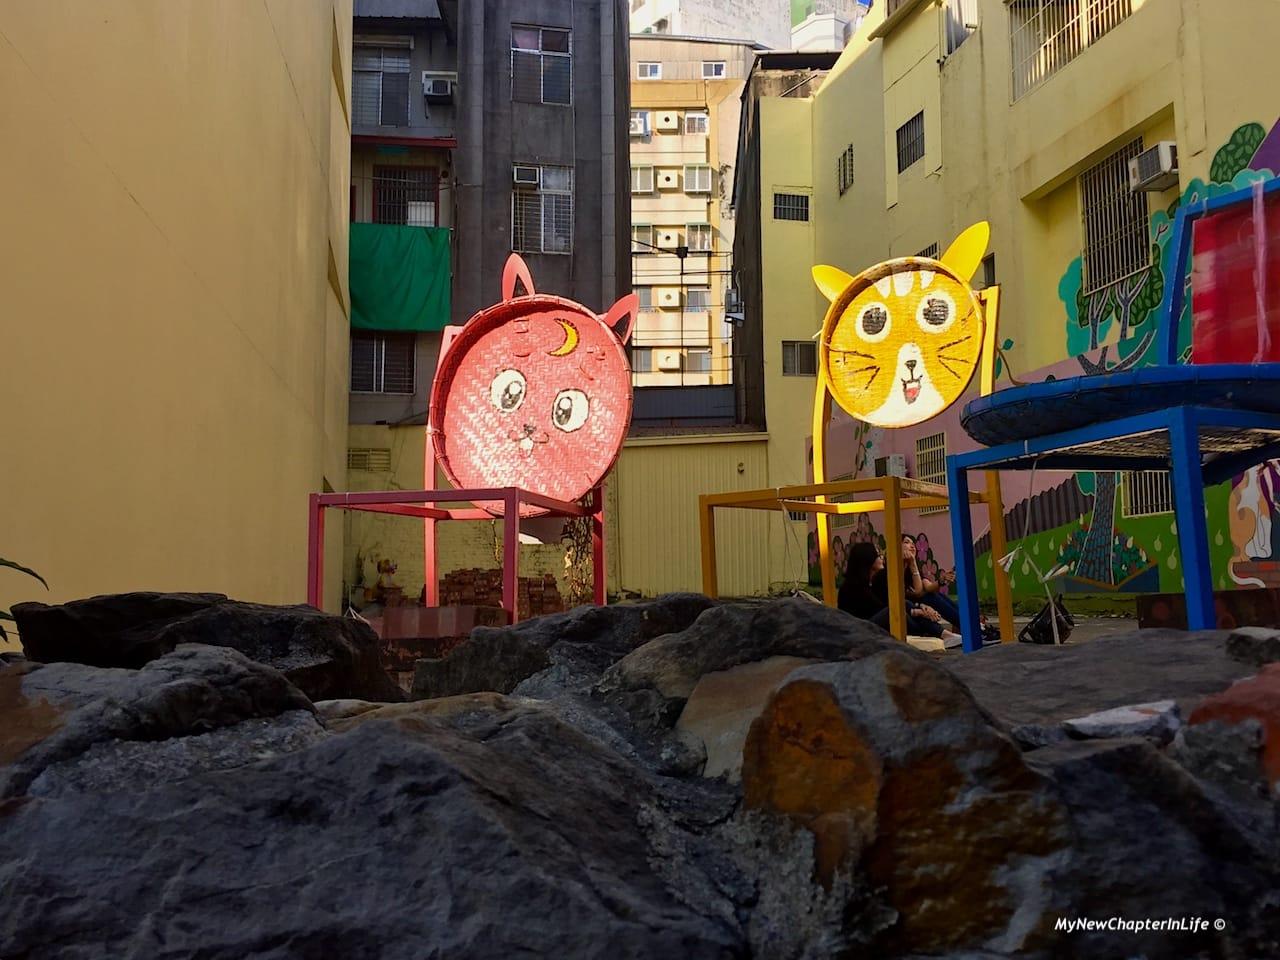 銀同社區貓咪高地 Tourist attraction for cat lovers